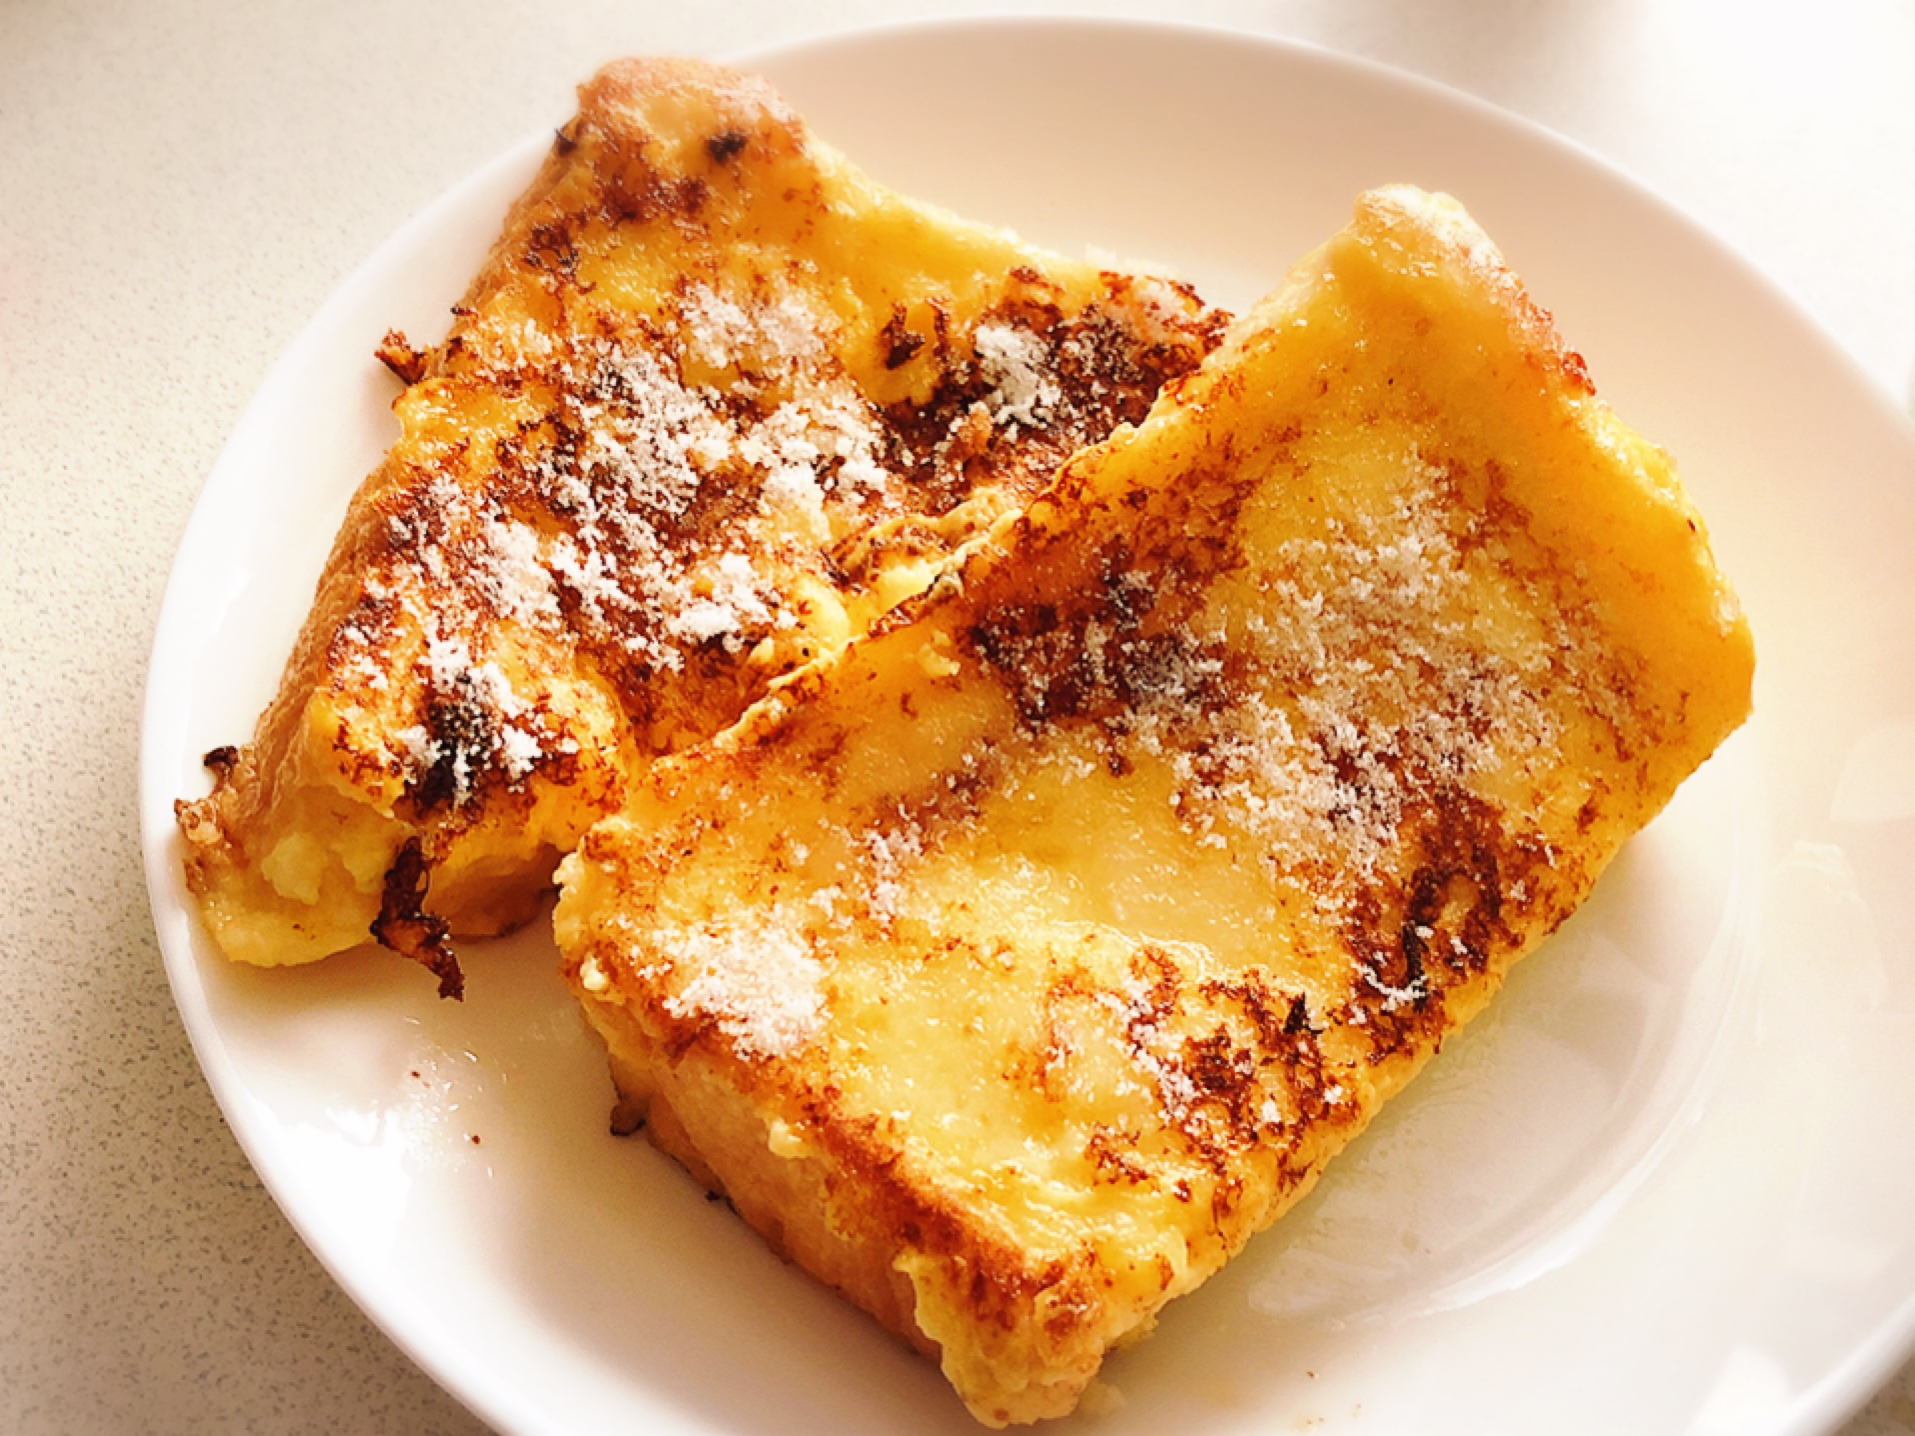 【乃が美】全国151店舗!そのまま食べても美味しい高級生食パン*おうちで絶品フレンチトーストにアレンジ( ´ ▽ ` )♡_7